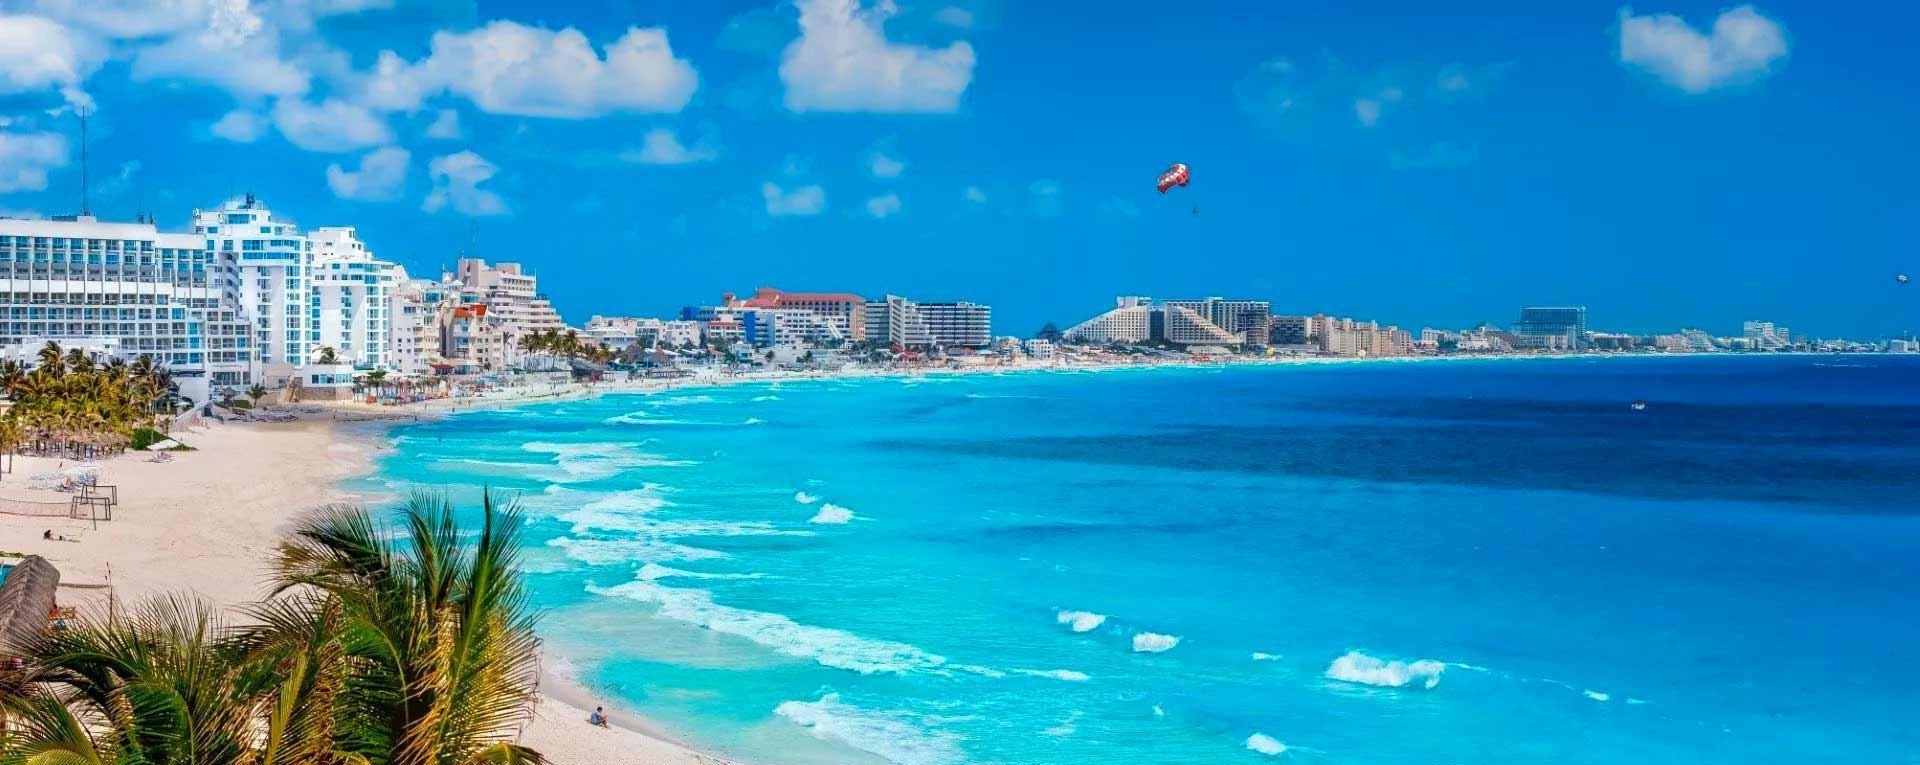 Bloqueos en el Caribe Mex